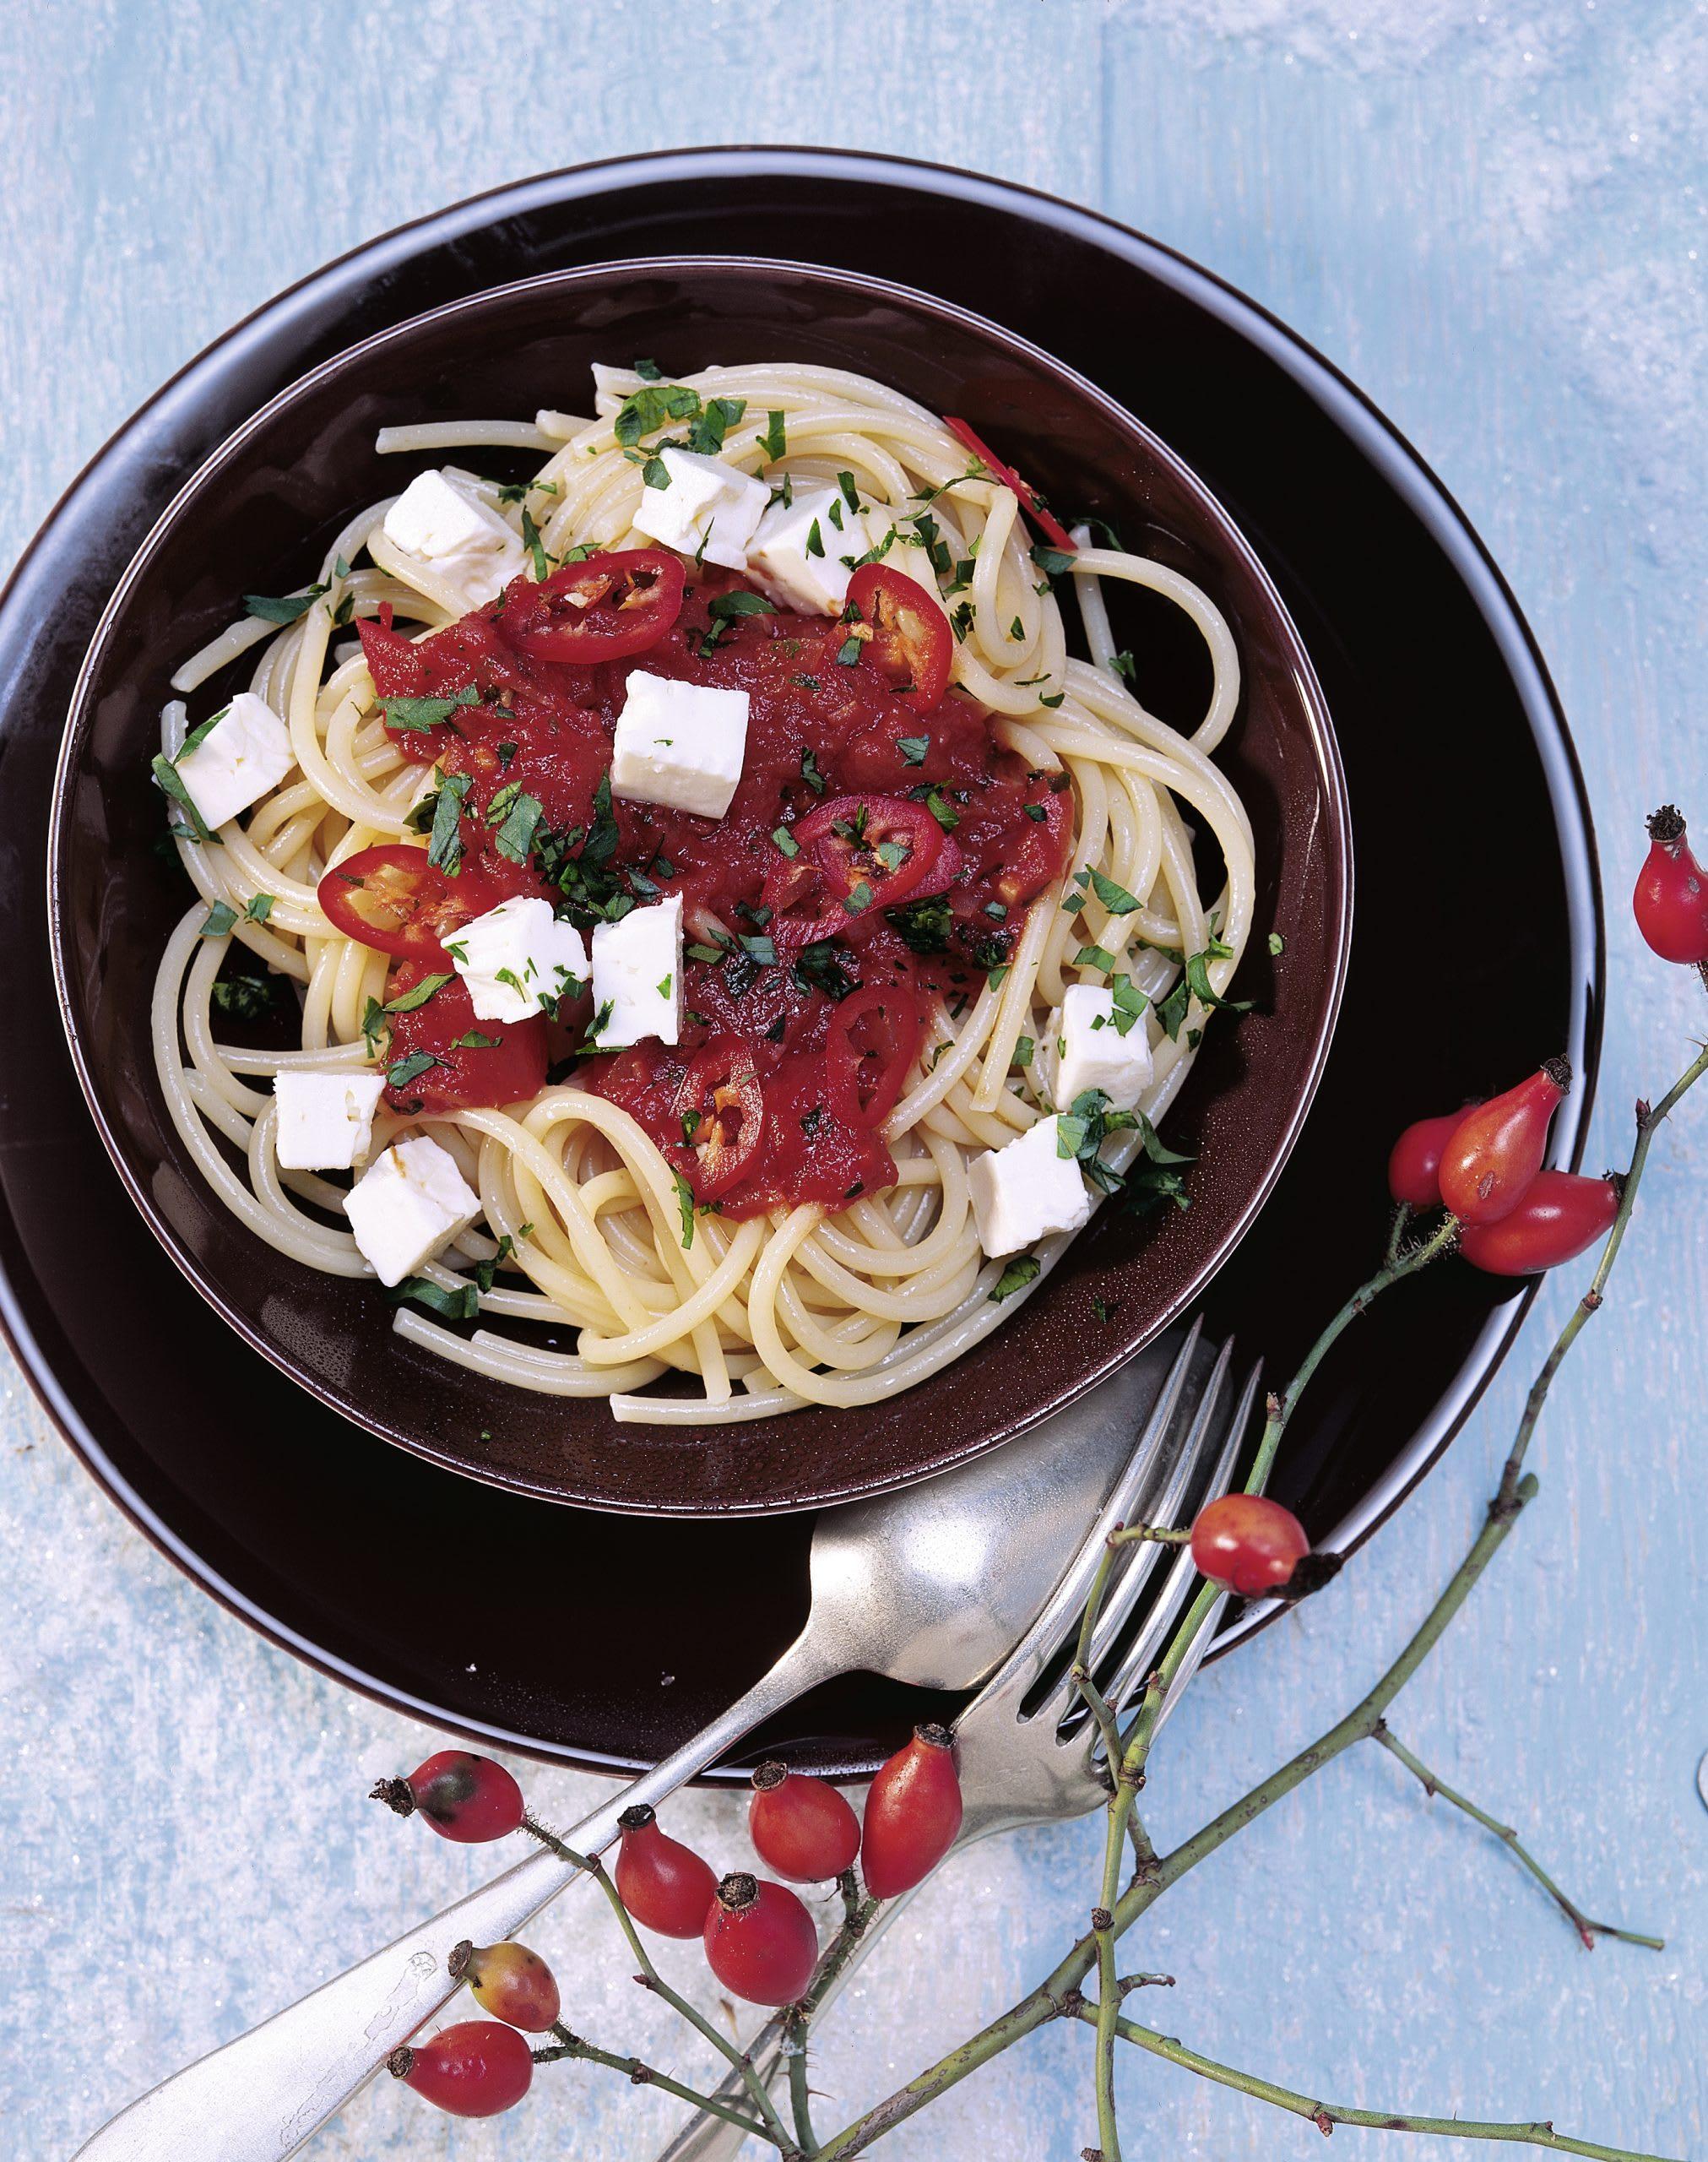 Spaghettis à l'arrabiata